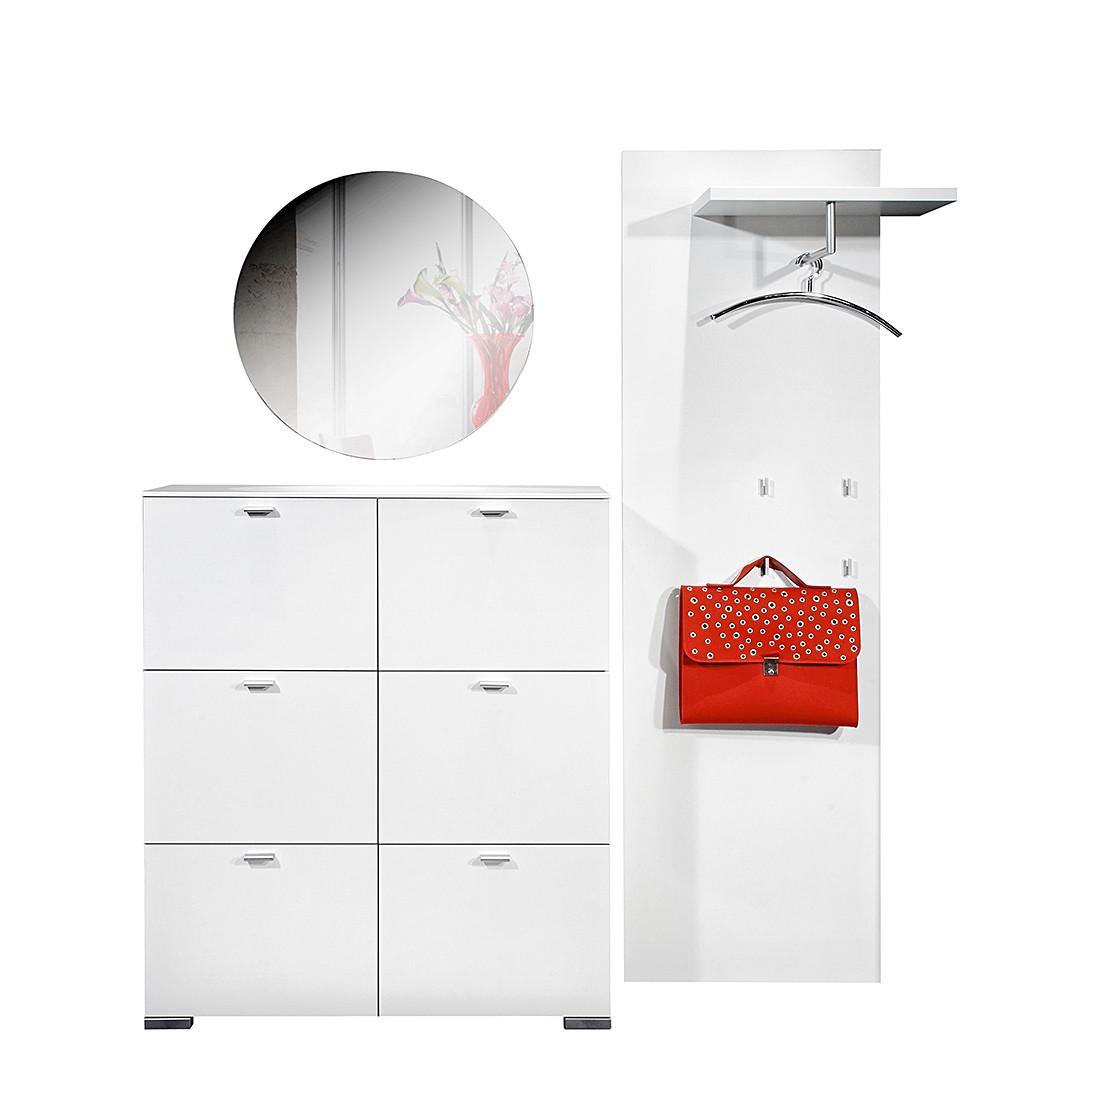 Garderobenset Gallery I – Weiß – 3-teilig, Arte M online kaufen